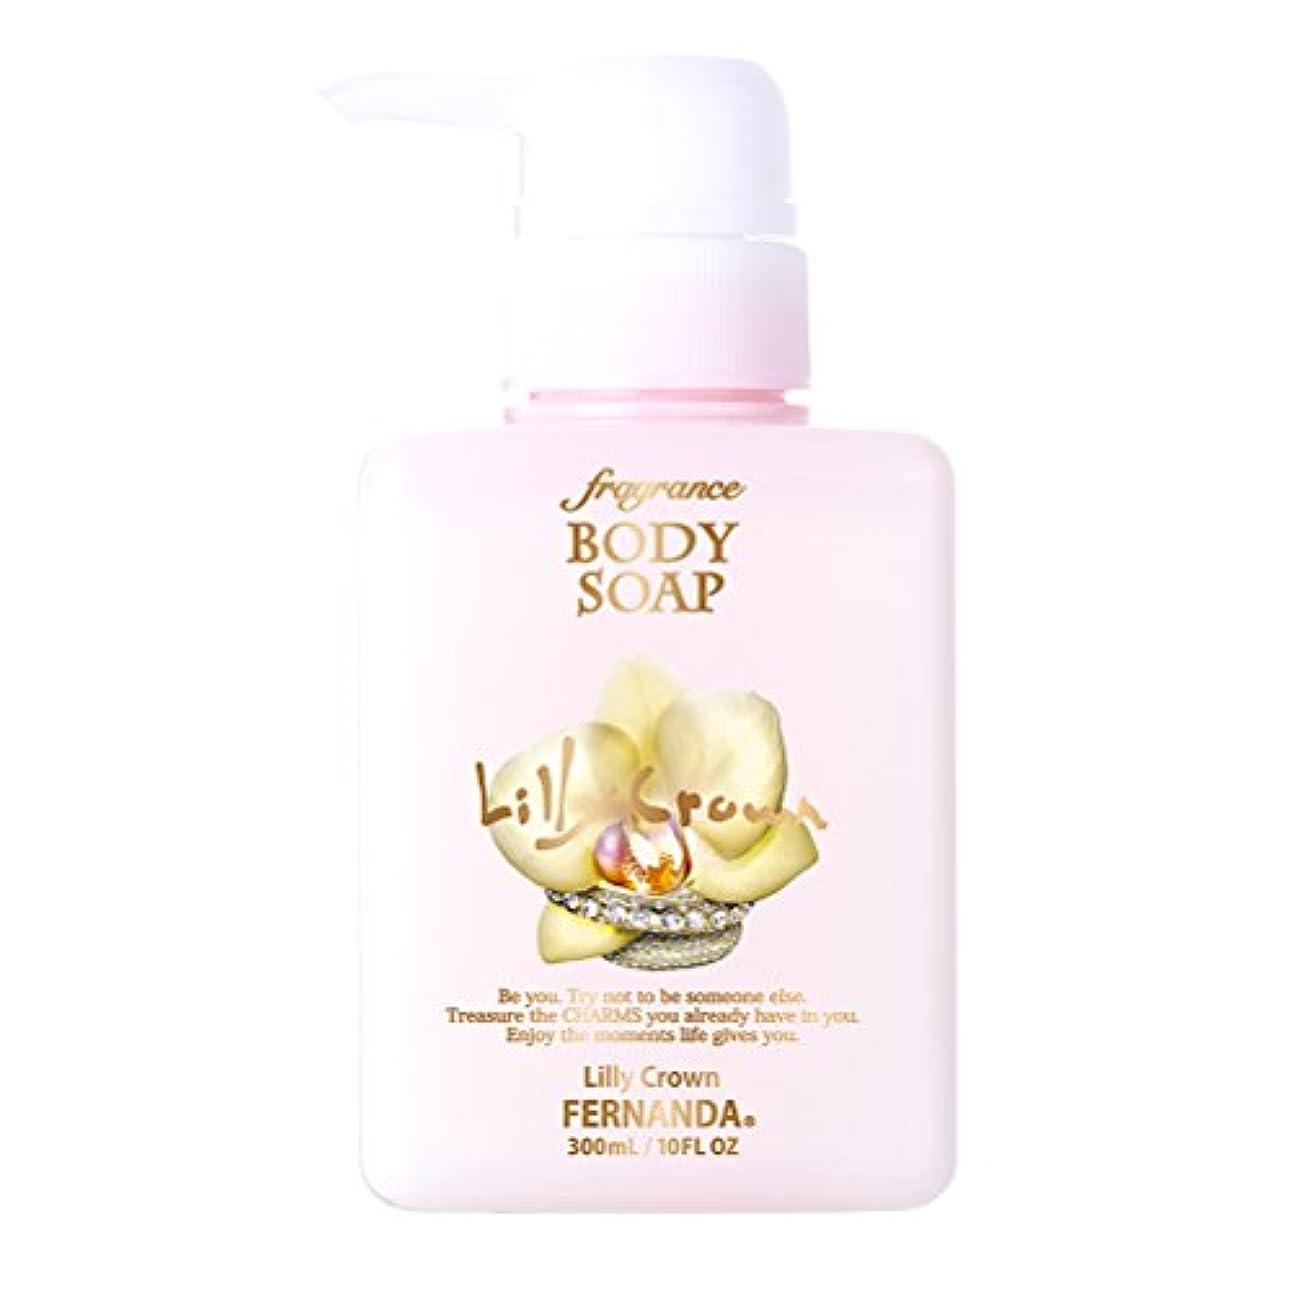 チャーター必要としている口実FERNANDA(フェルナンダ) Fragrance Body Soap Lilly Crown (ボディソープ リリークラウン)